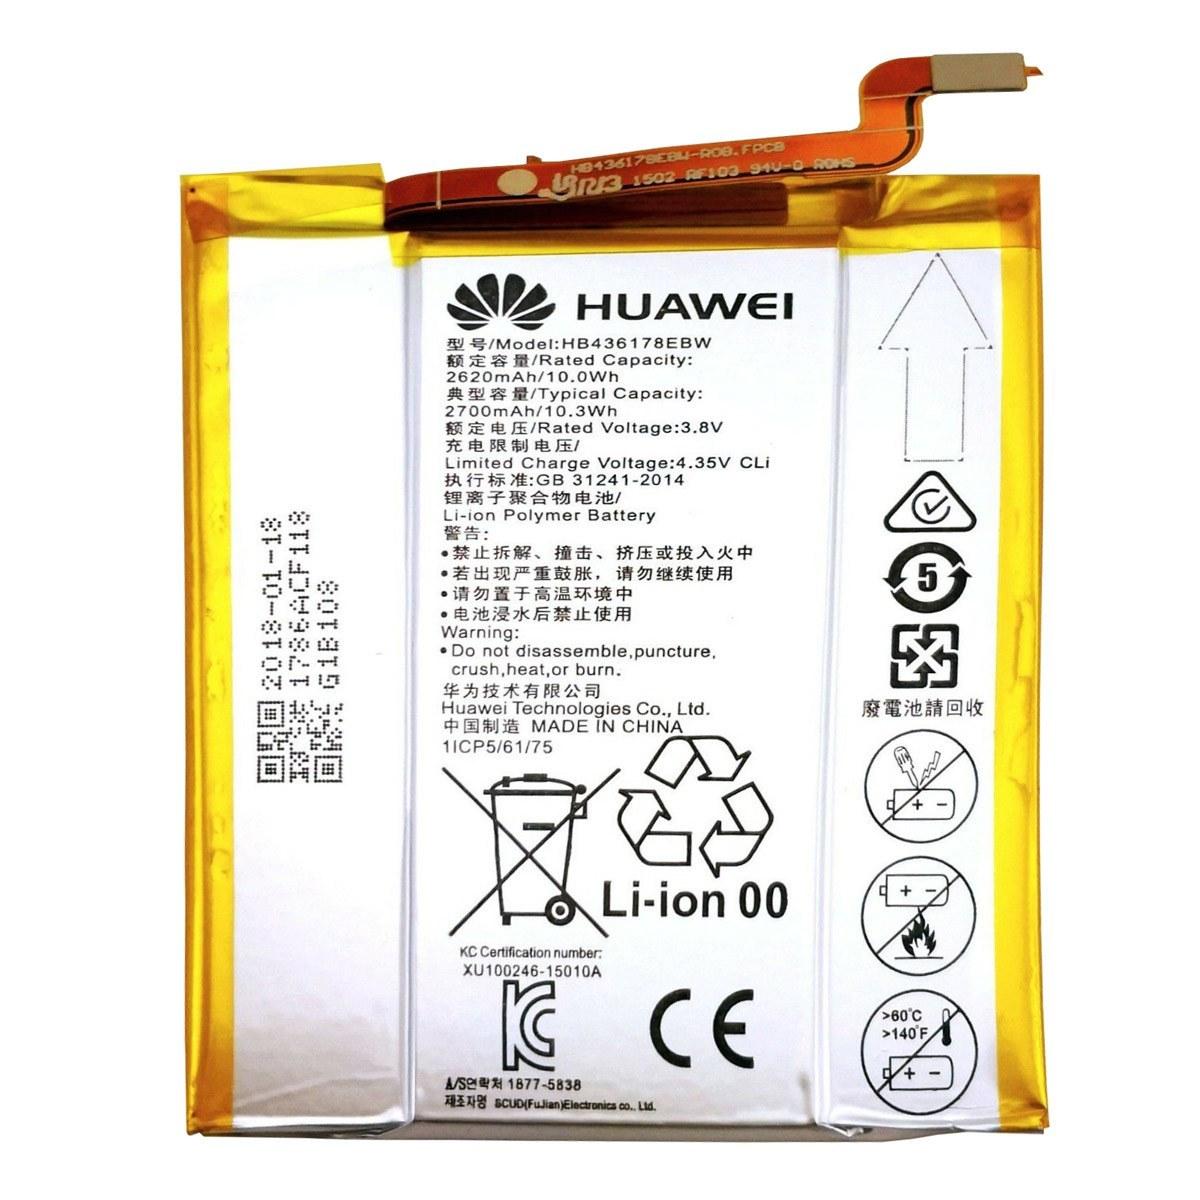 تصویر باتری اورجینال موبایل هواوی Huawei Mate S HB436178EBW Huawei Mate S HB436178EBW Original Battery